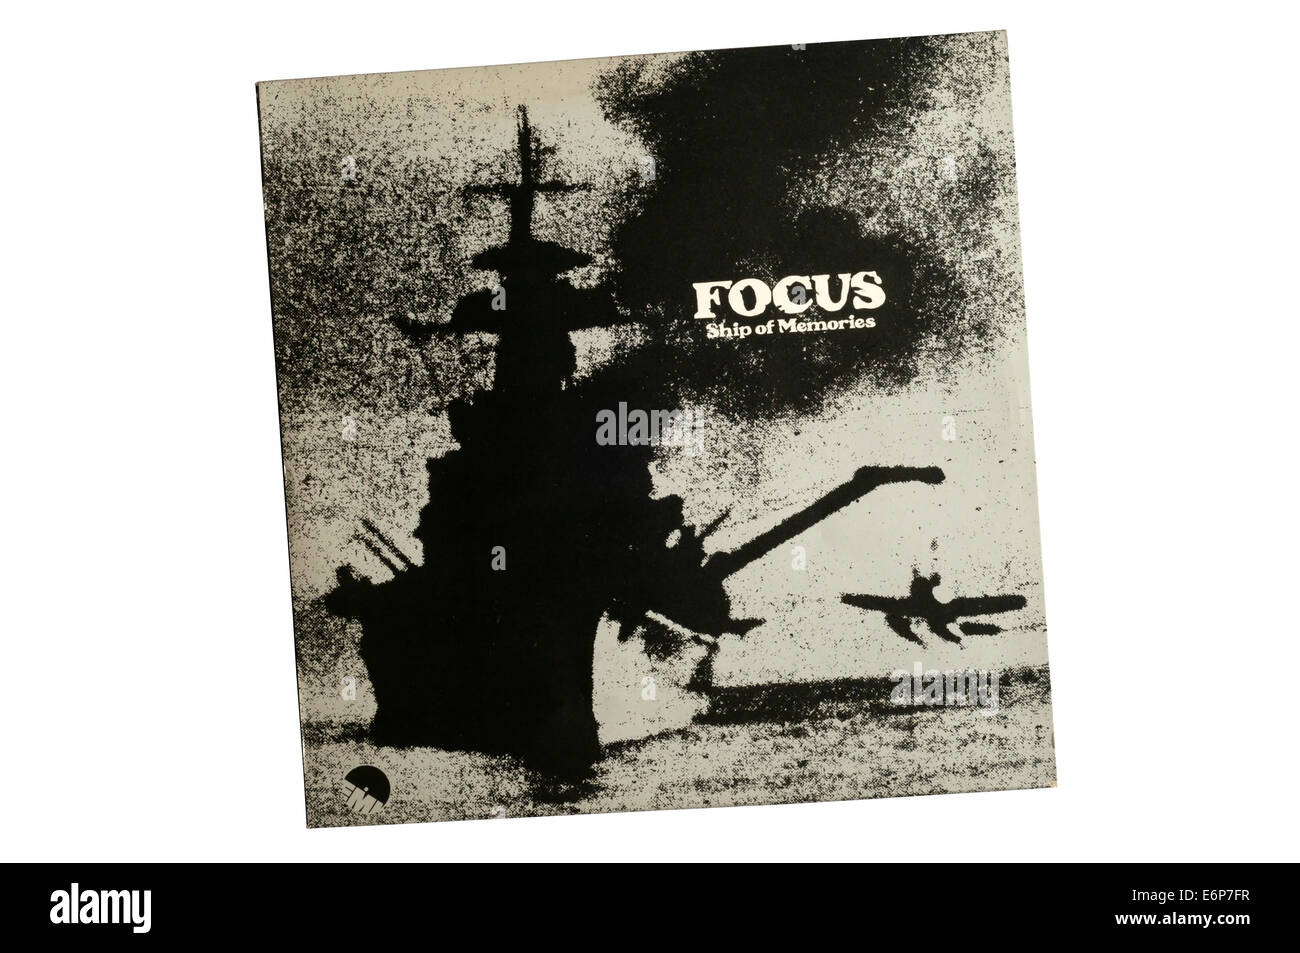 Souvenirs de navire était le 6ème album studio du groupe de rock progressif néerlandais Focus. Il Photo Stock